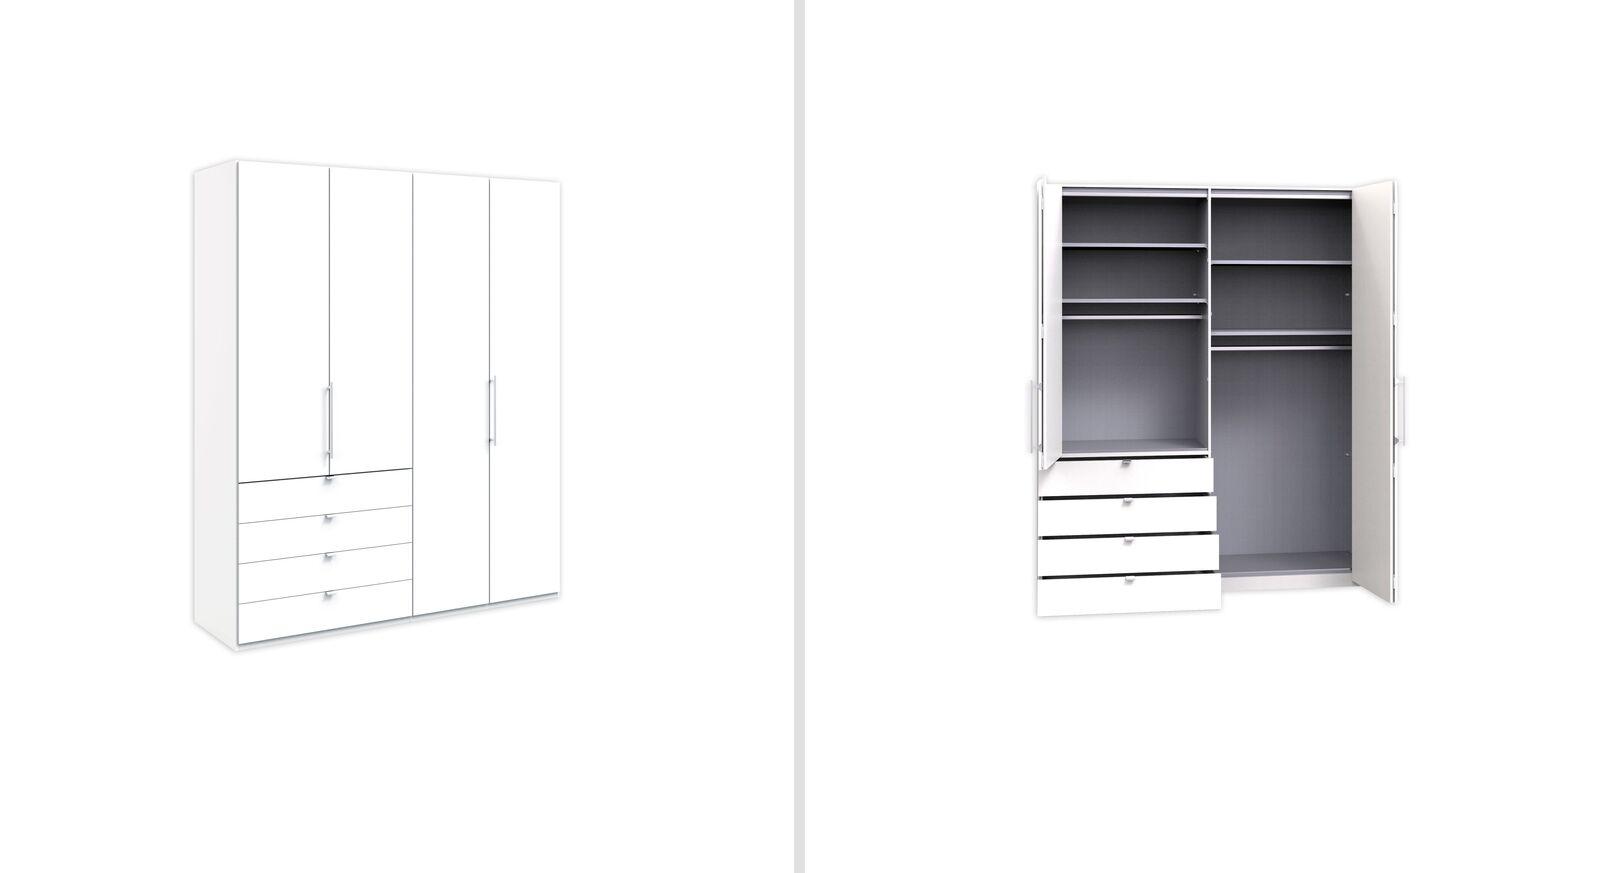 Funktions-Kleiderschrank Salford 200 cm mit Auszügen links